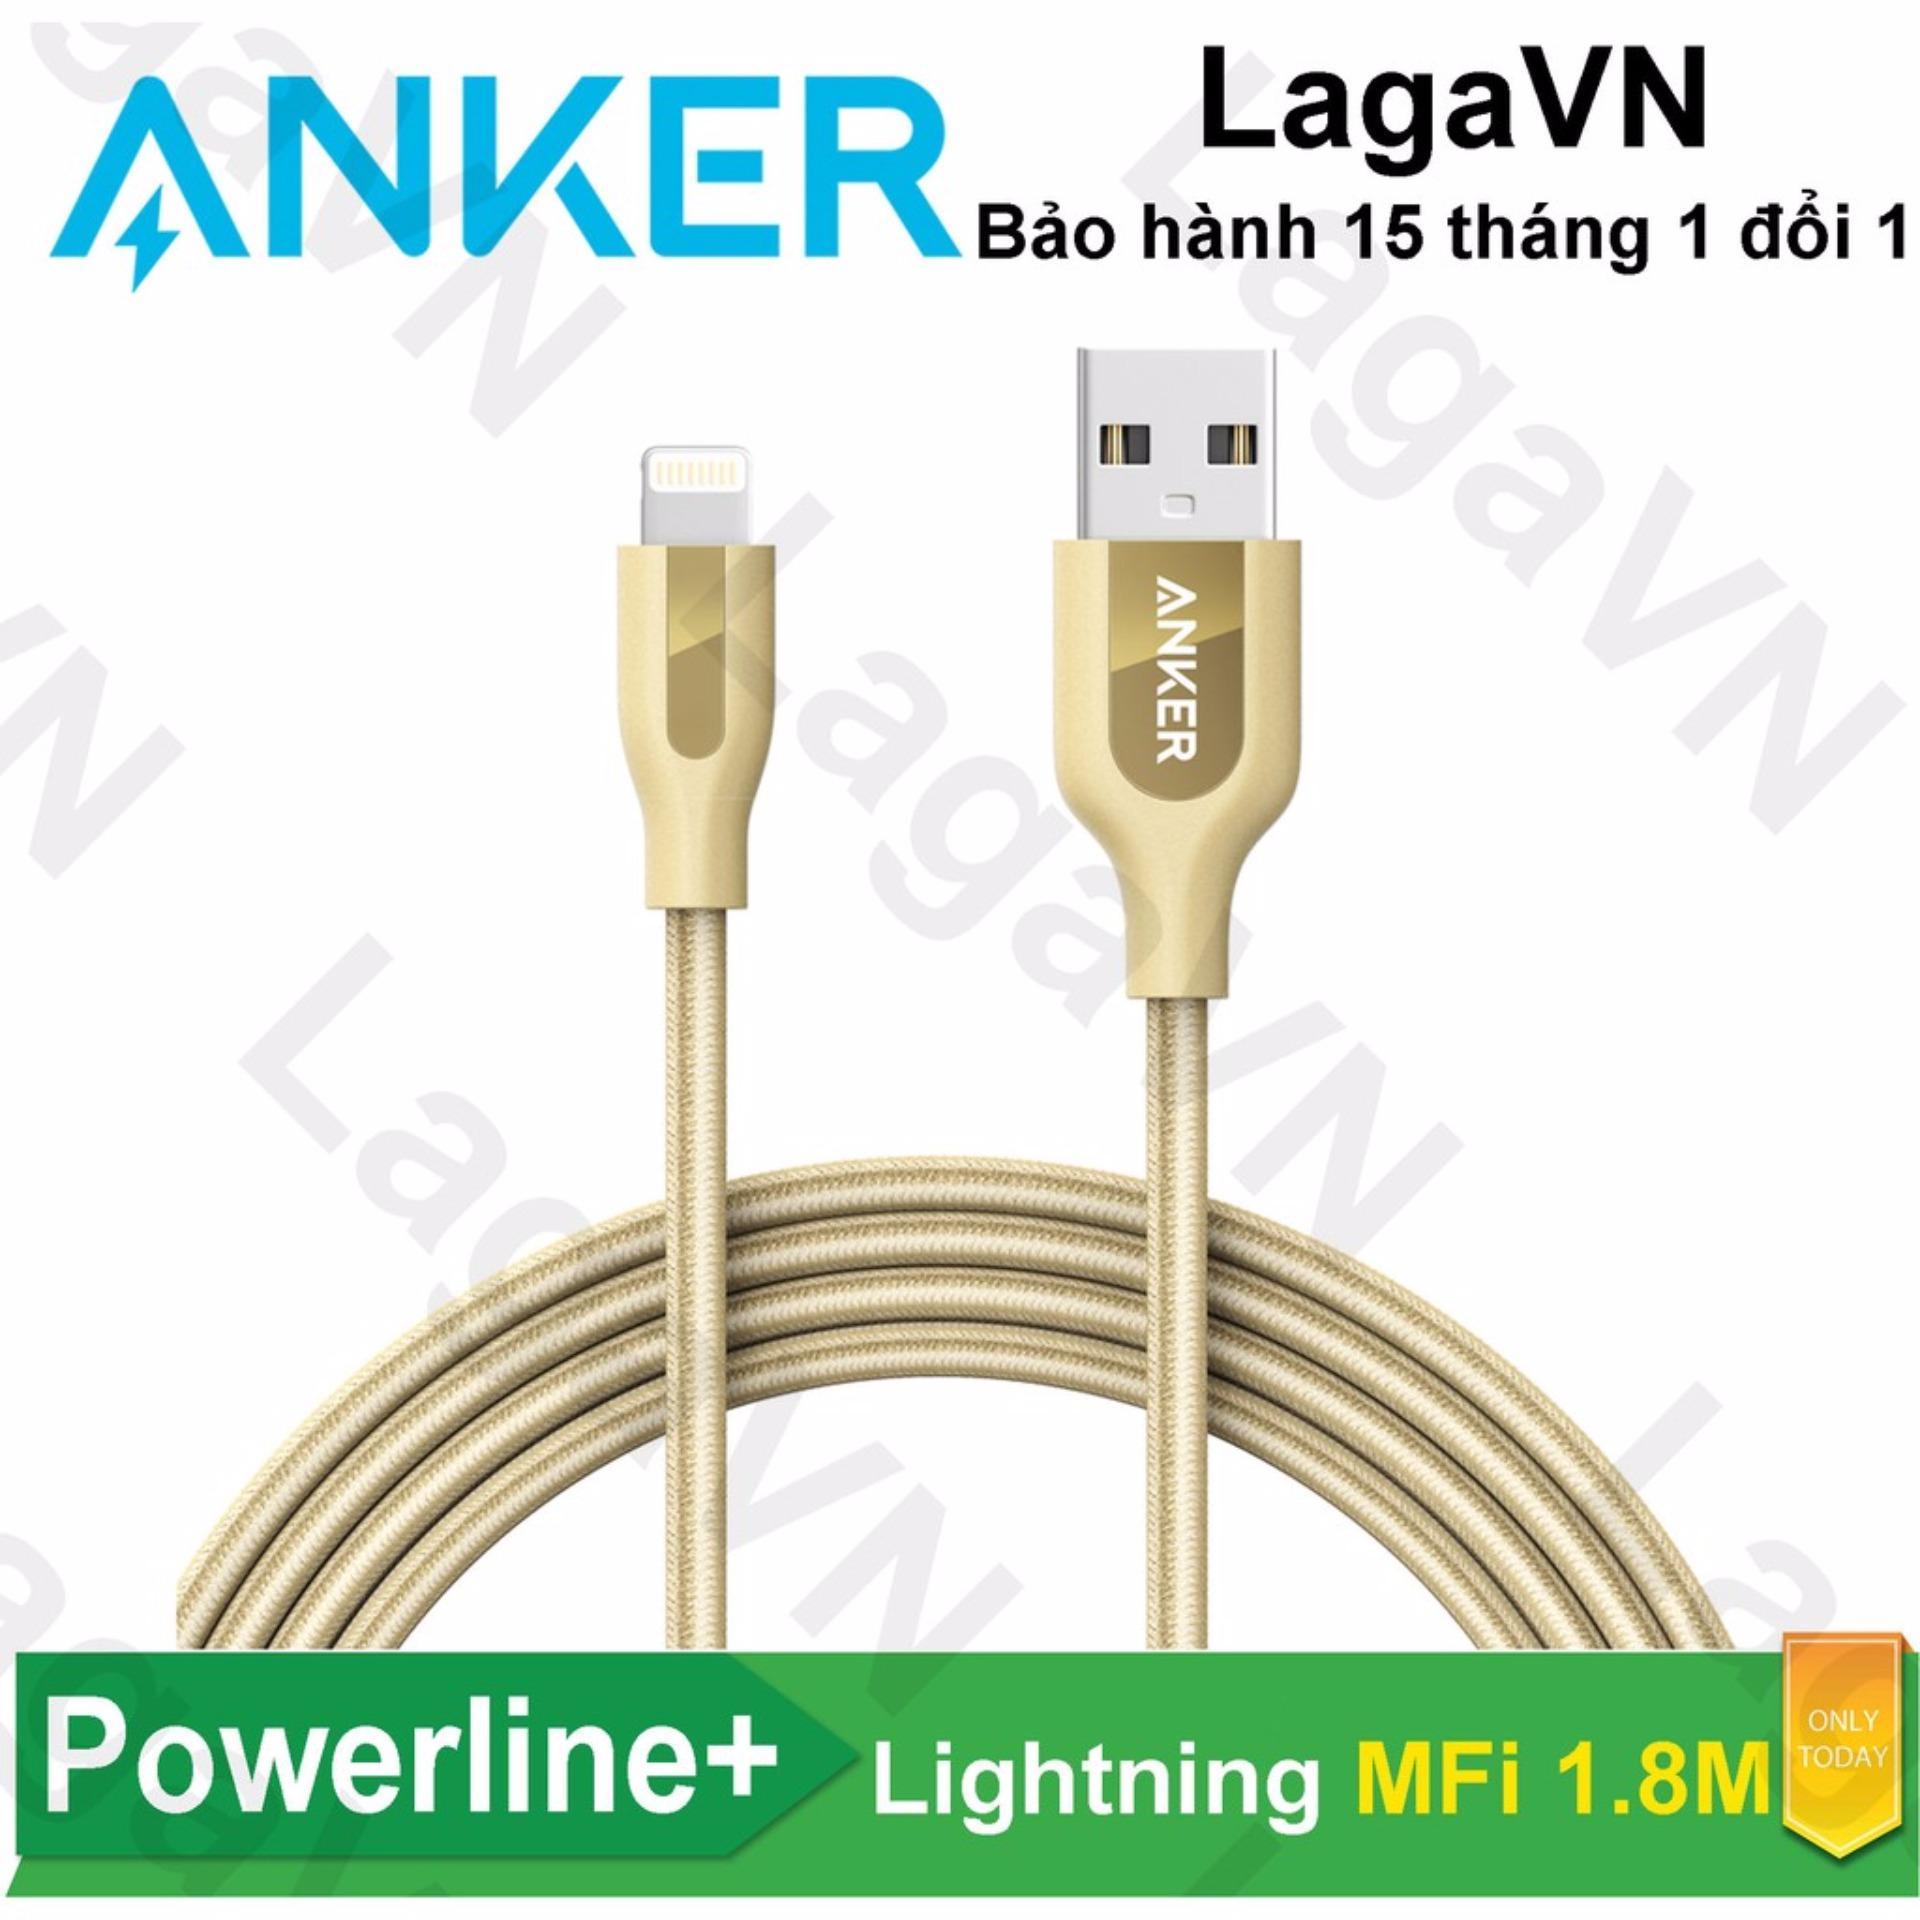 Bán Cap Sạc Nylon Anker Powerline Lightning Mfi Dai 1 8M Khong Tui Da Cho Iphone Ipad Ipod A8122 Hang Phan Phối Chinh Thức Nguyên